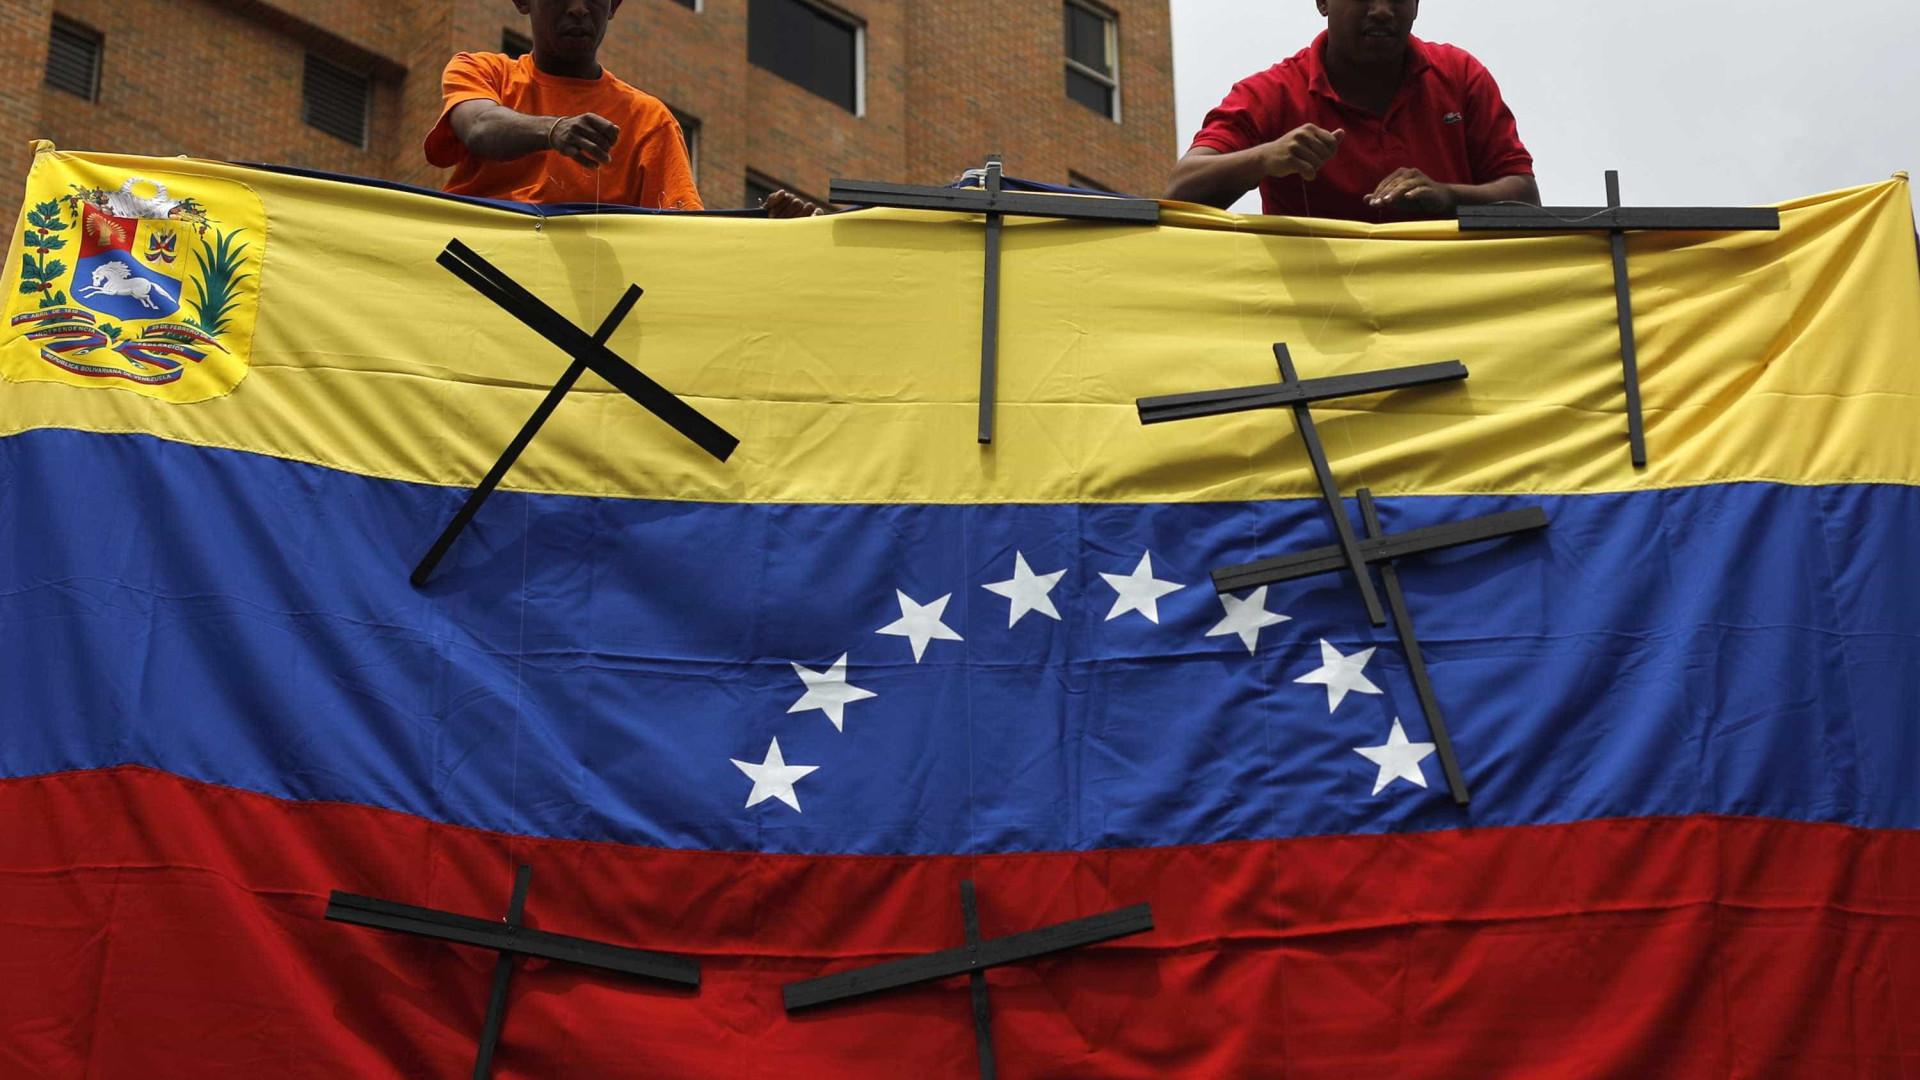 Desde o dia 1 de janeiro verificaram-se 1.980 apagões na Venezuela